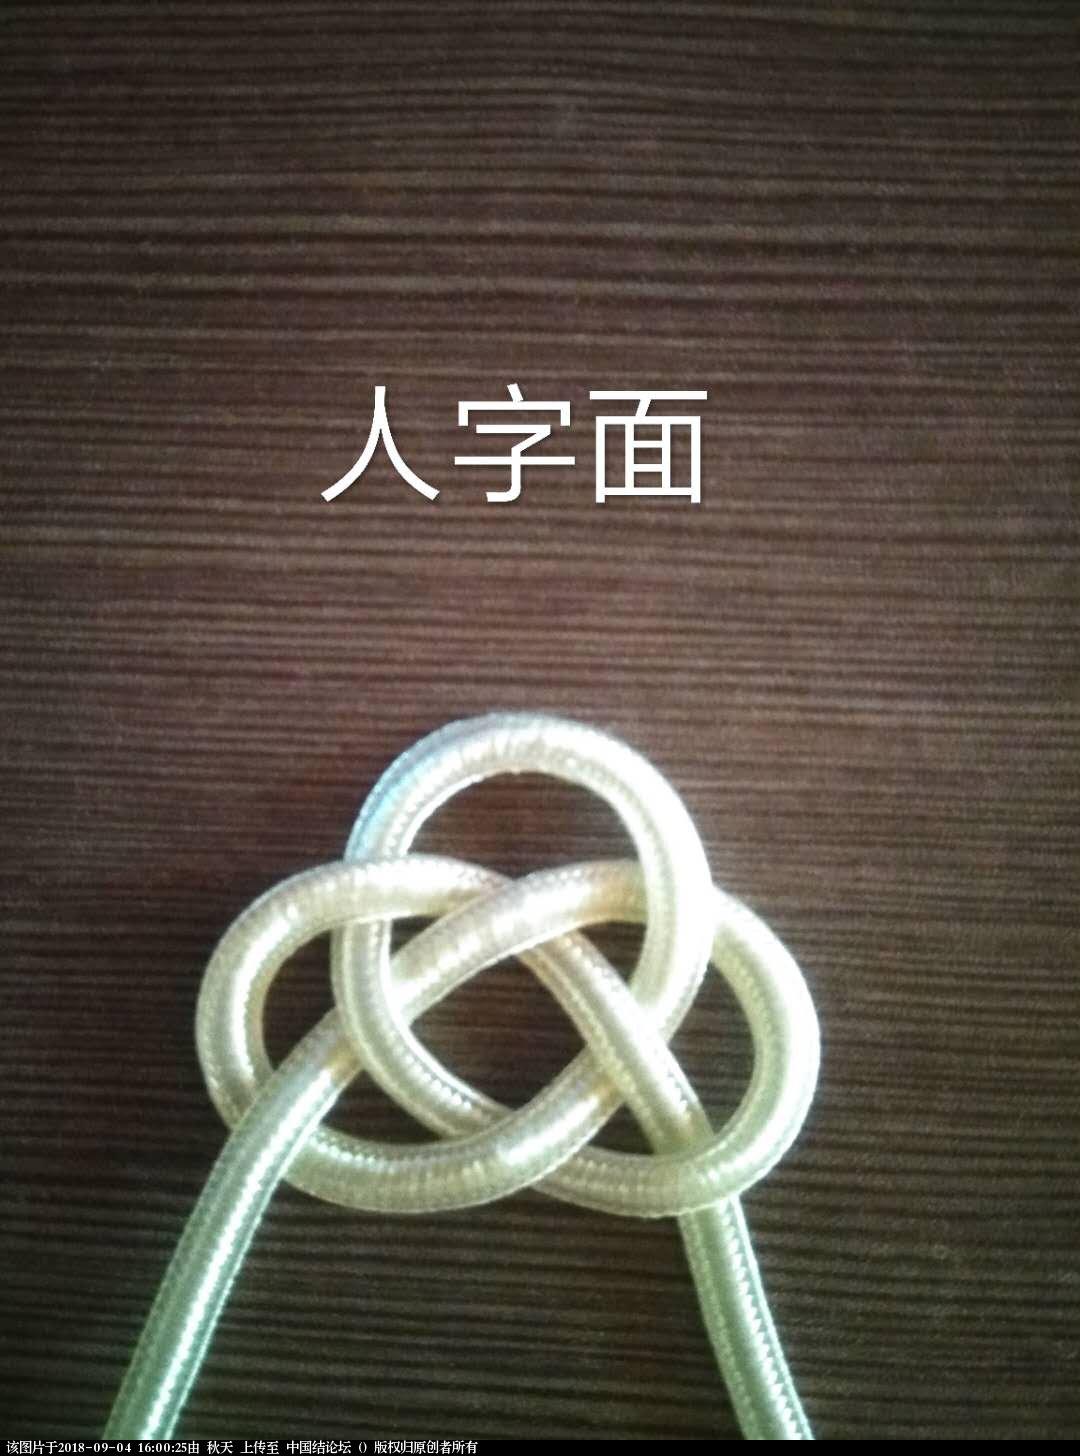 中国结论坛 学习中国绳结艺术分级达标-初级大纲  中国绳结艺术分级达标审核 155815qoioivc7uuzoc1oq